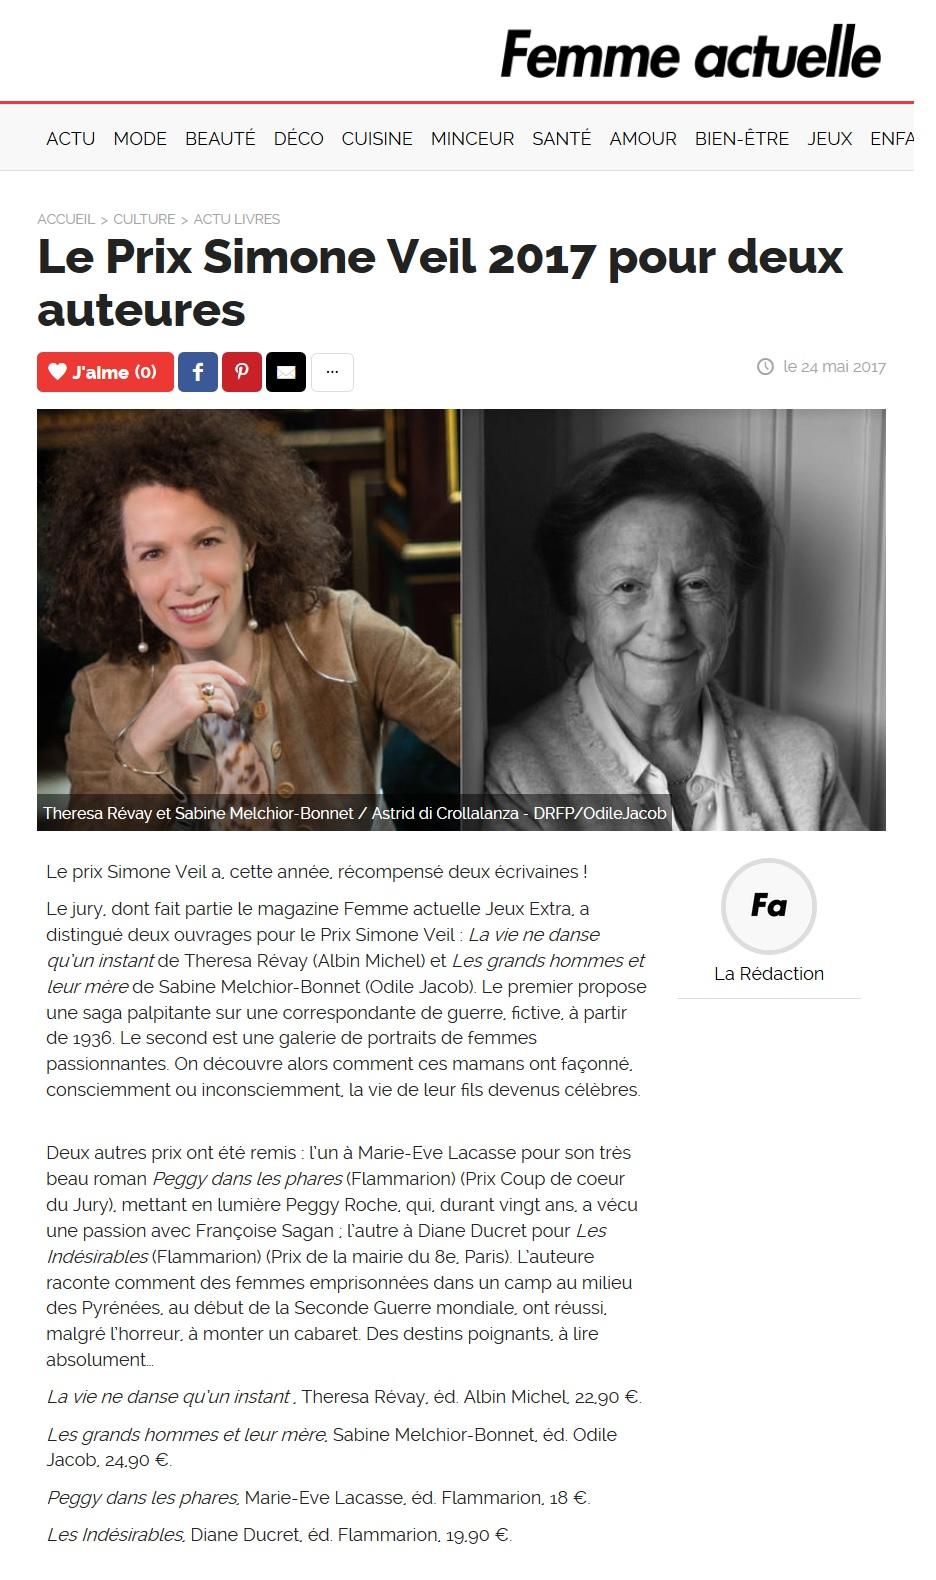 Article Femme Actuelle Prix Simone Veil 2017